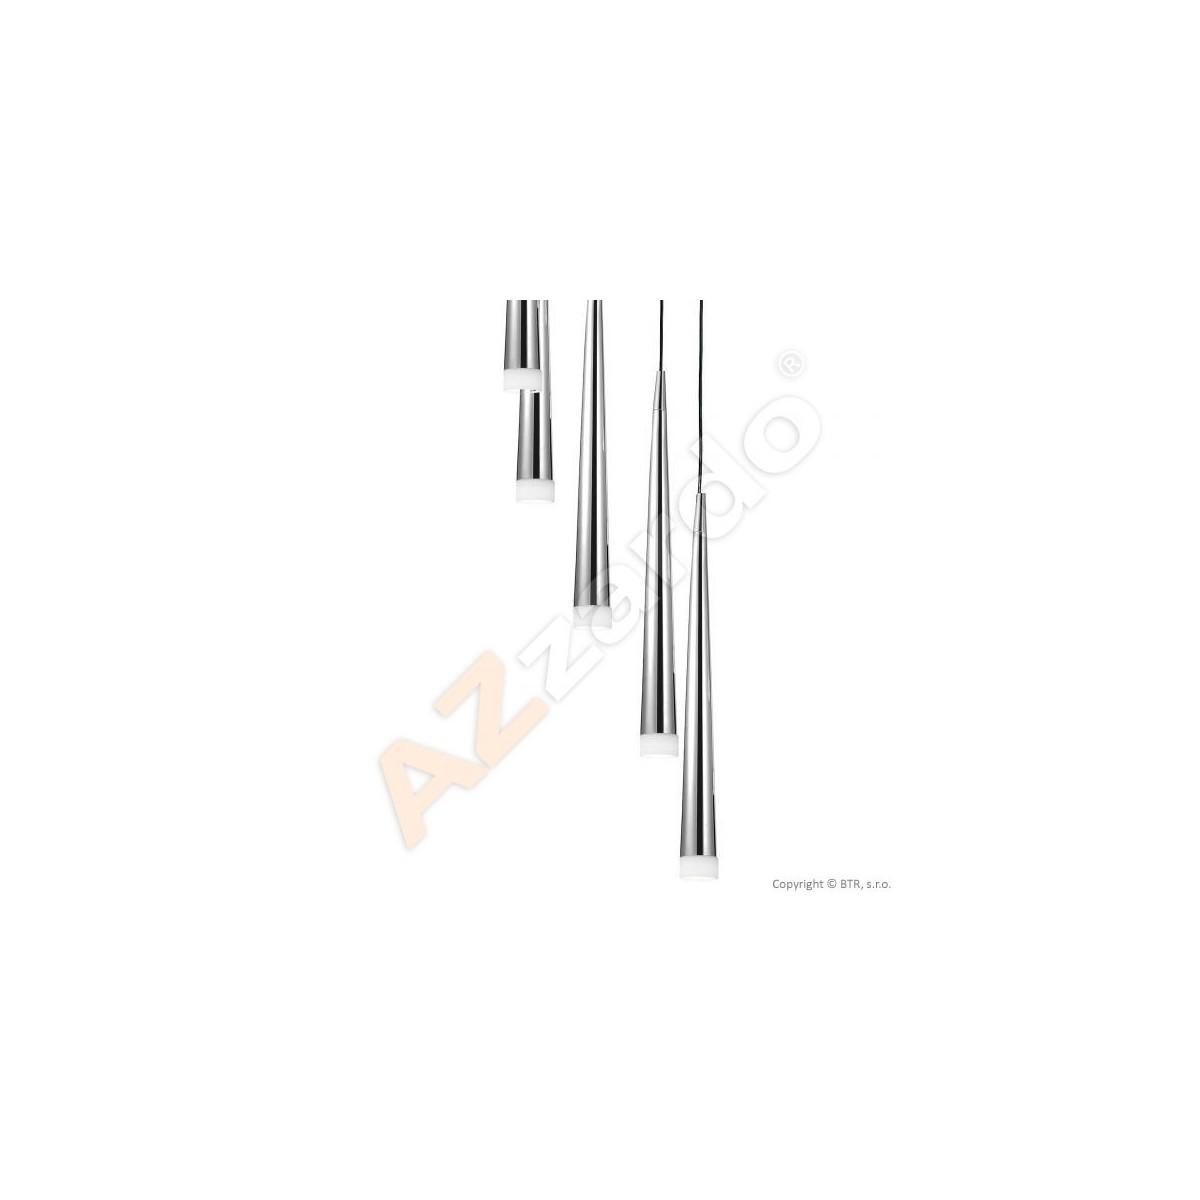 Azzardo STYLO 8 CHROM 8xG9 Wisząca Chrom AZ0257